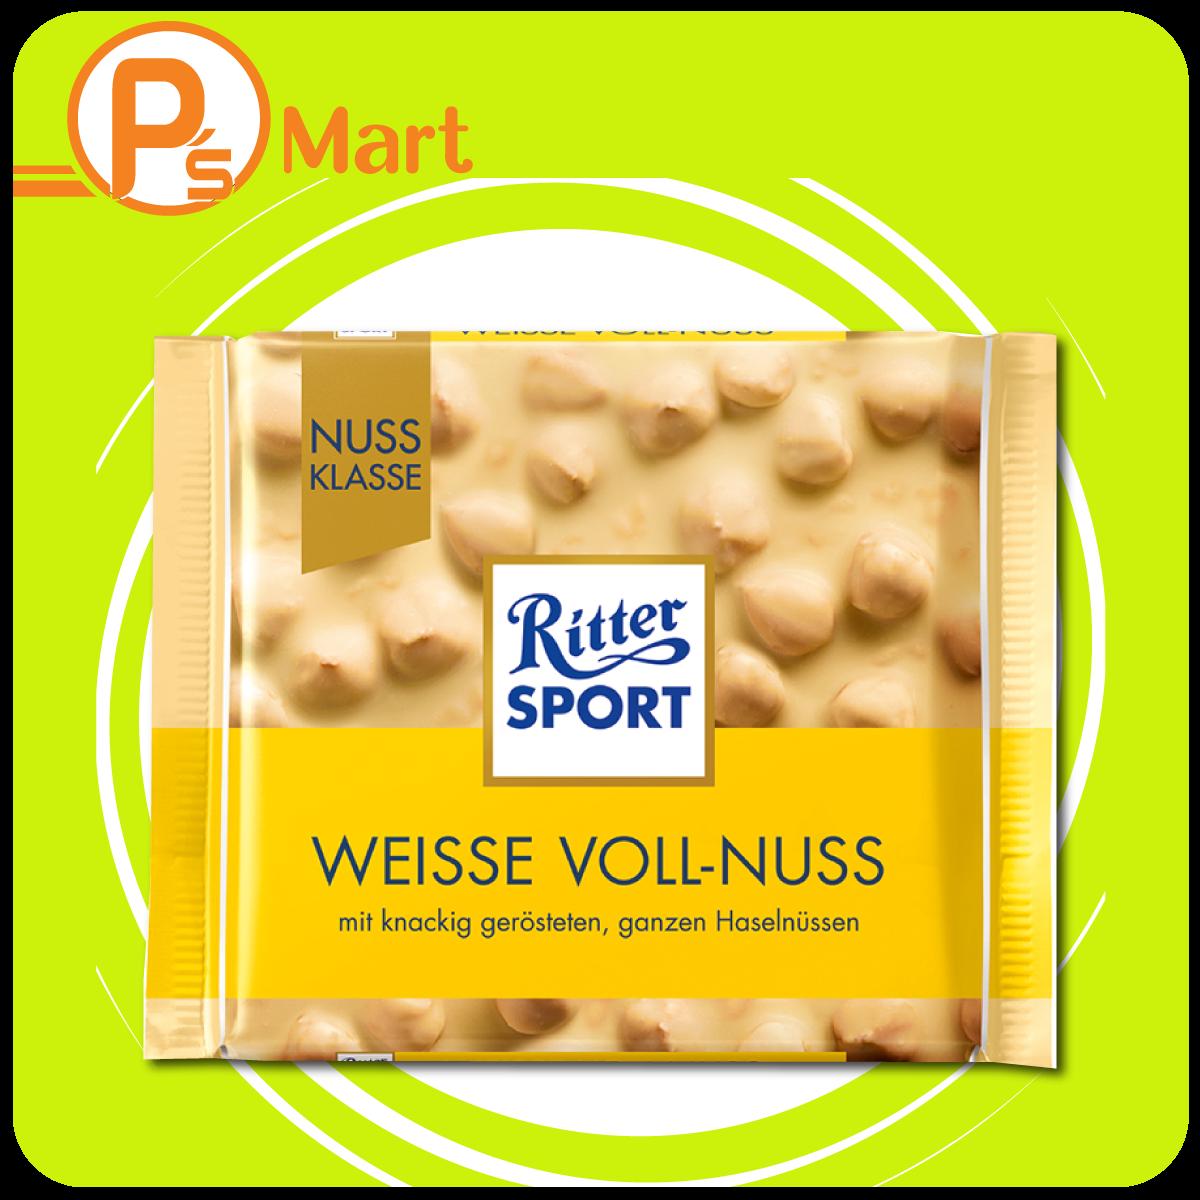 Chocolate Ritter Sport Weisse Voll-Nuss vị Socola trắng nhân Hạt dẻ 100gr